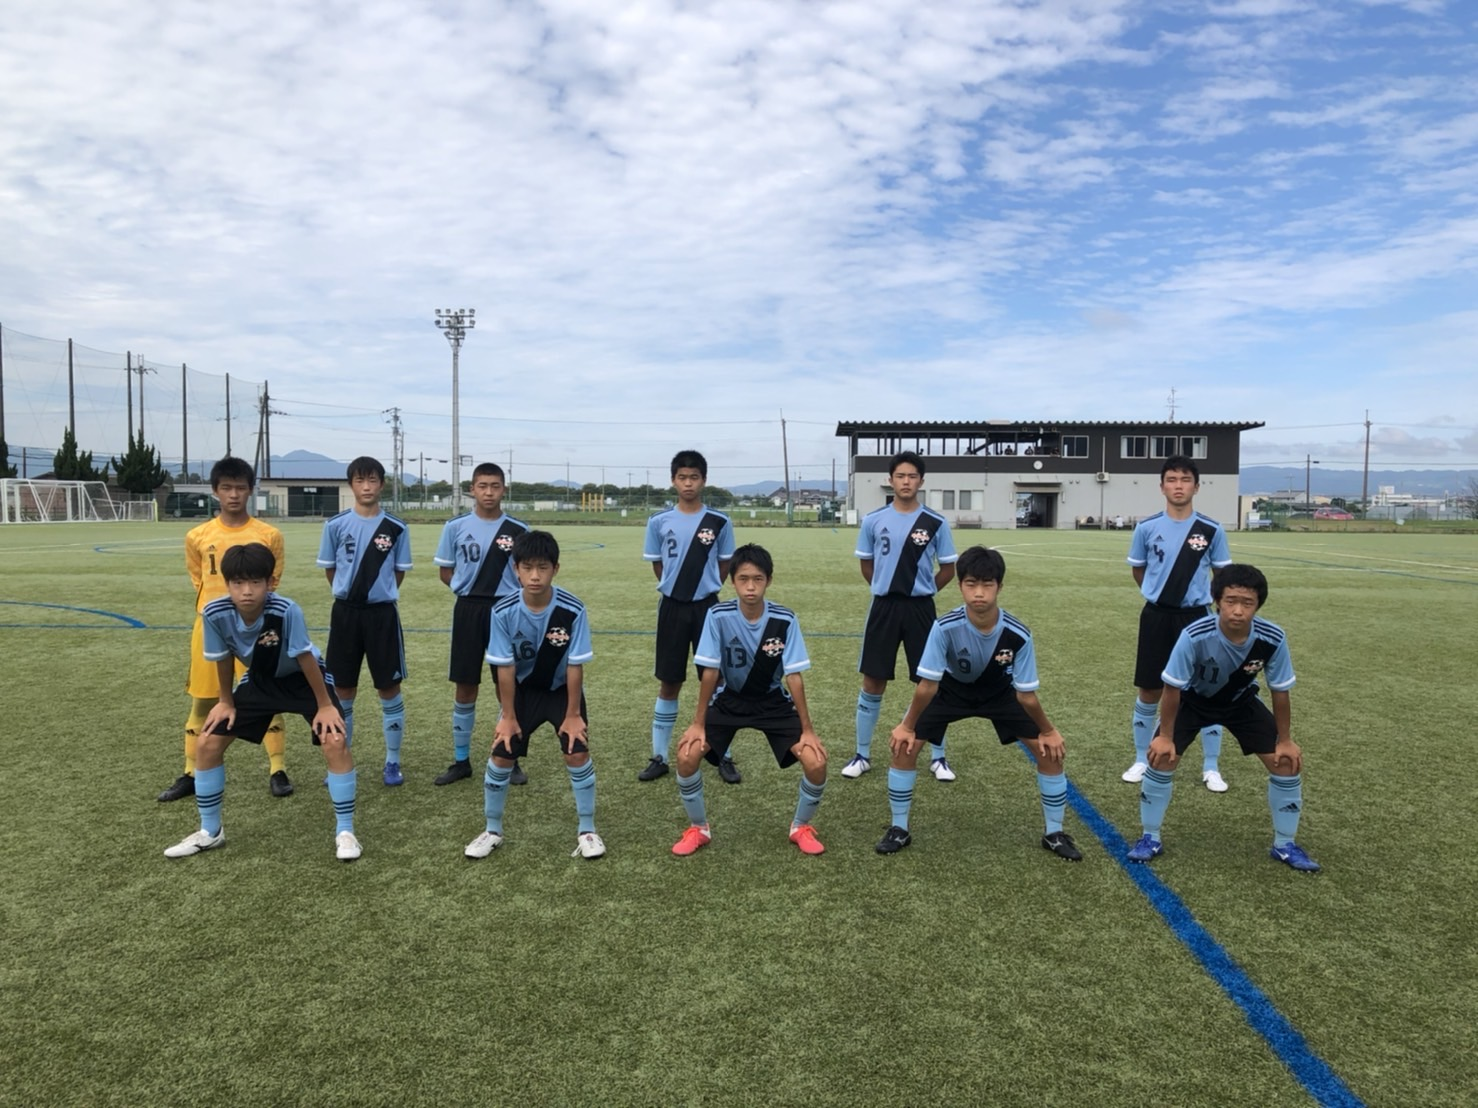 【速報】優勝!! 2021年度 高円宮杯 奈良県U-15サッカーリーグ2021【1部】